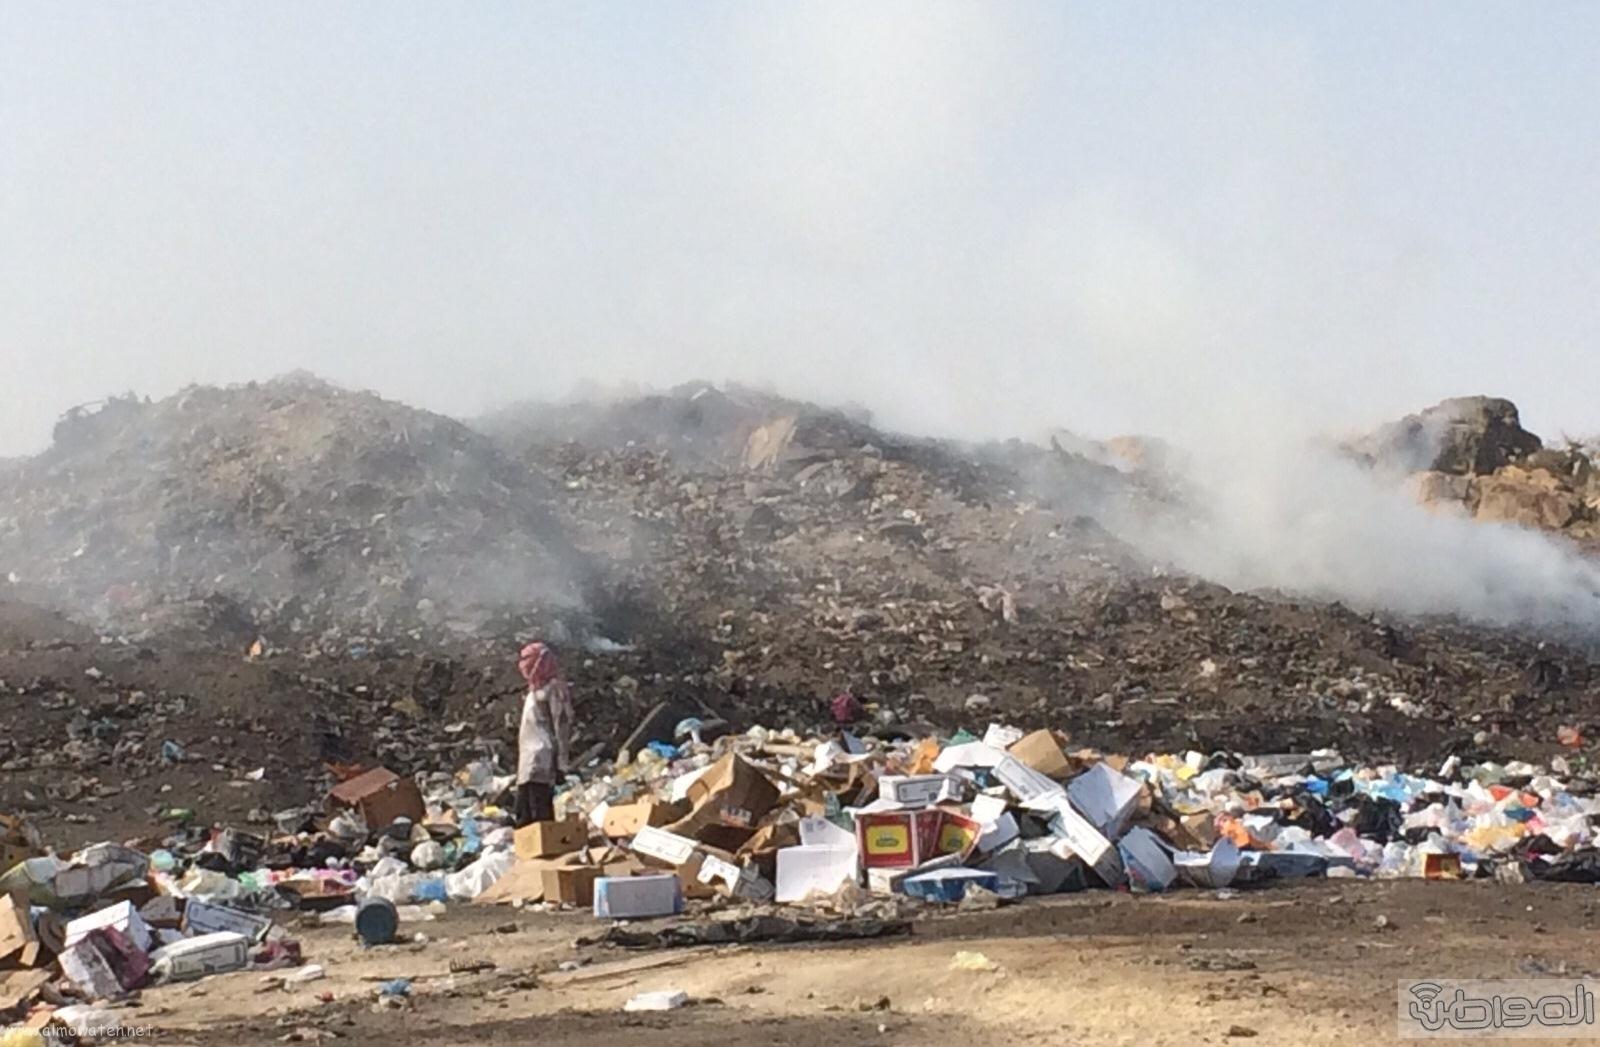 المجاردة حرق النفايات بجوار المساكن (5)